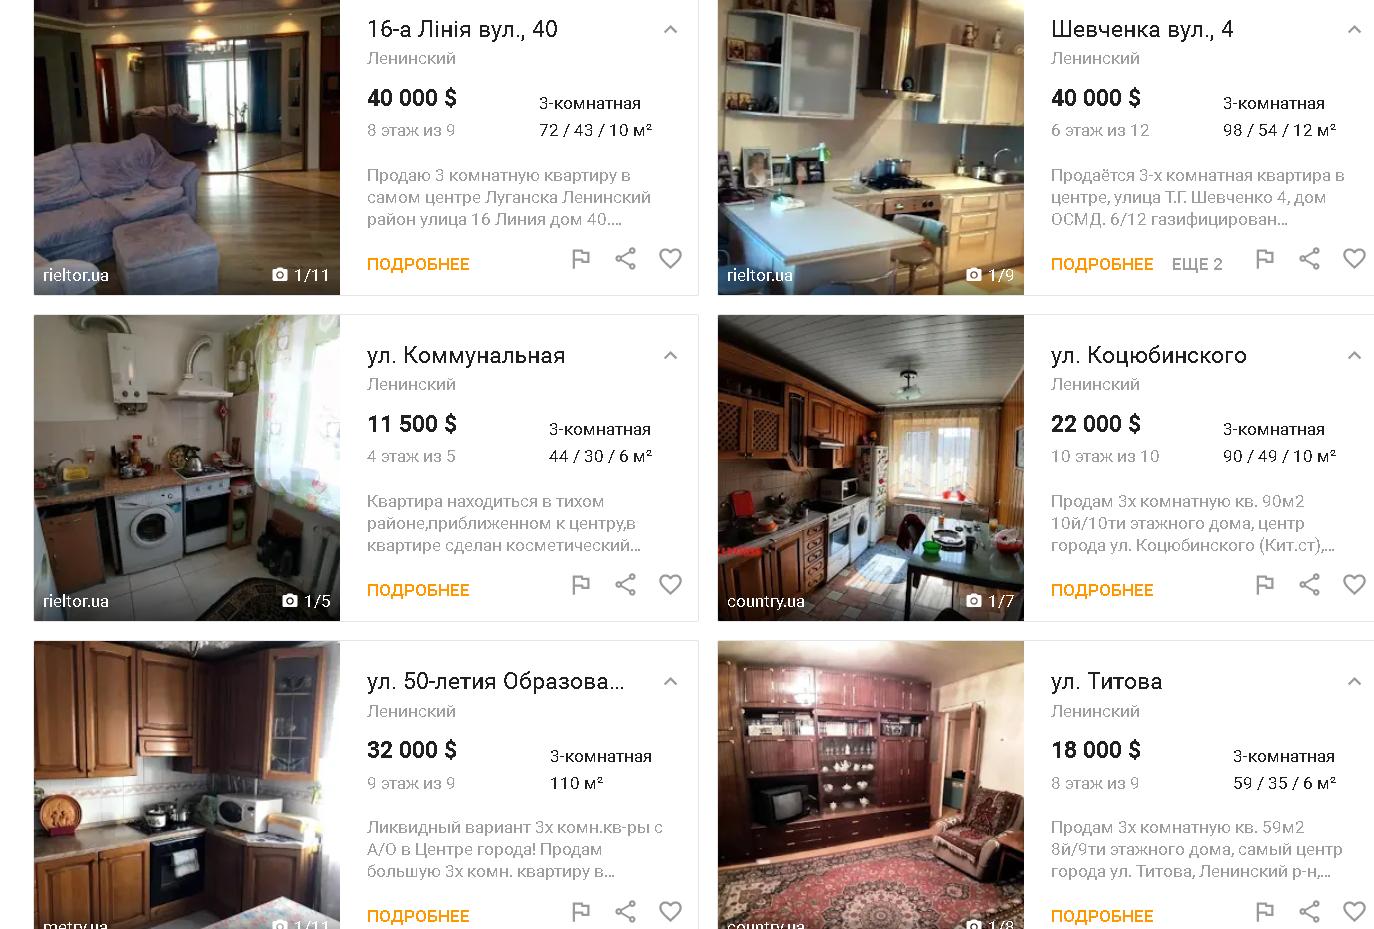 Как в 2020-м продать квартиру на неподконтрольной территории. Подводные камни и лайфхаки